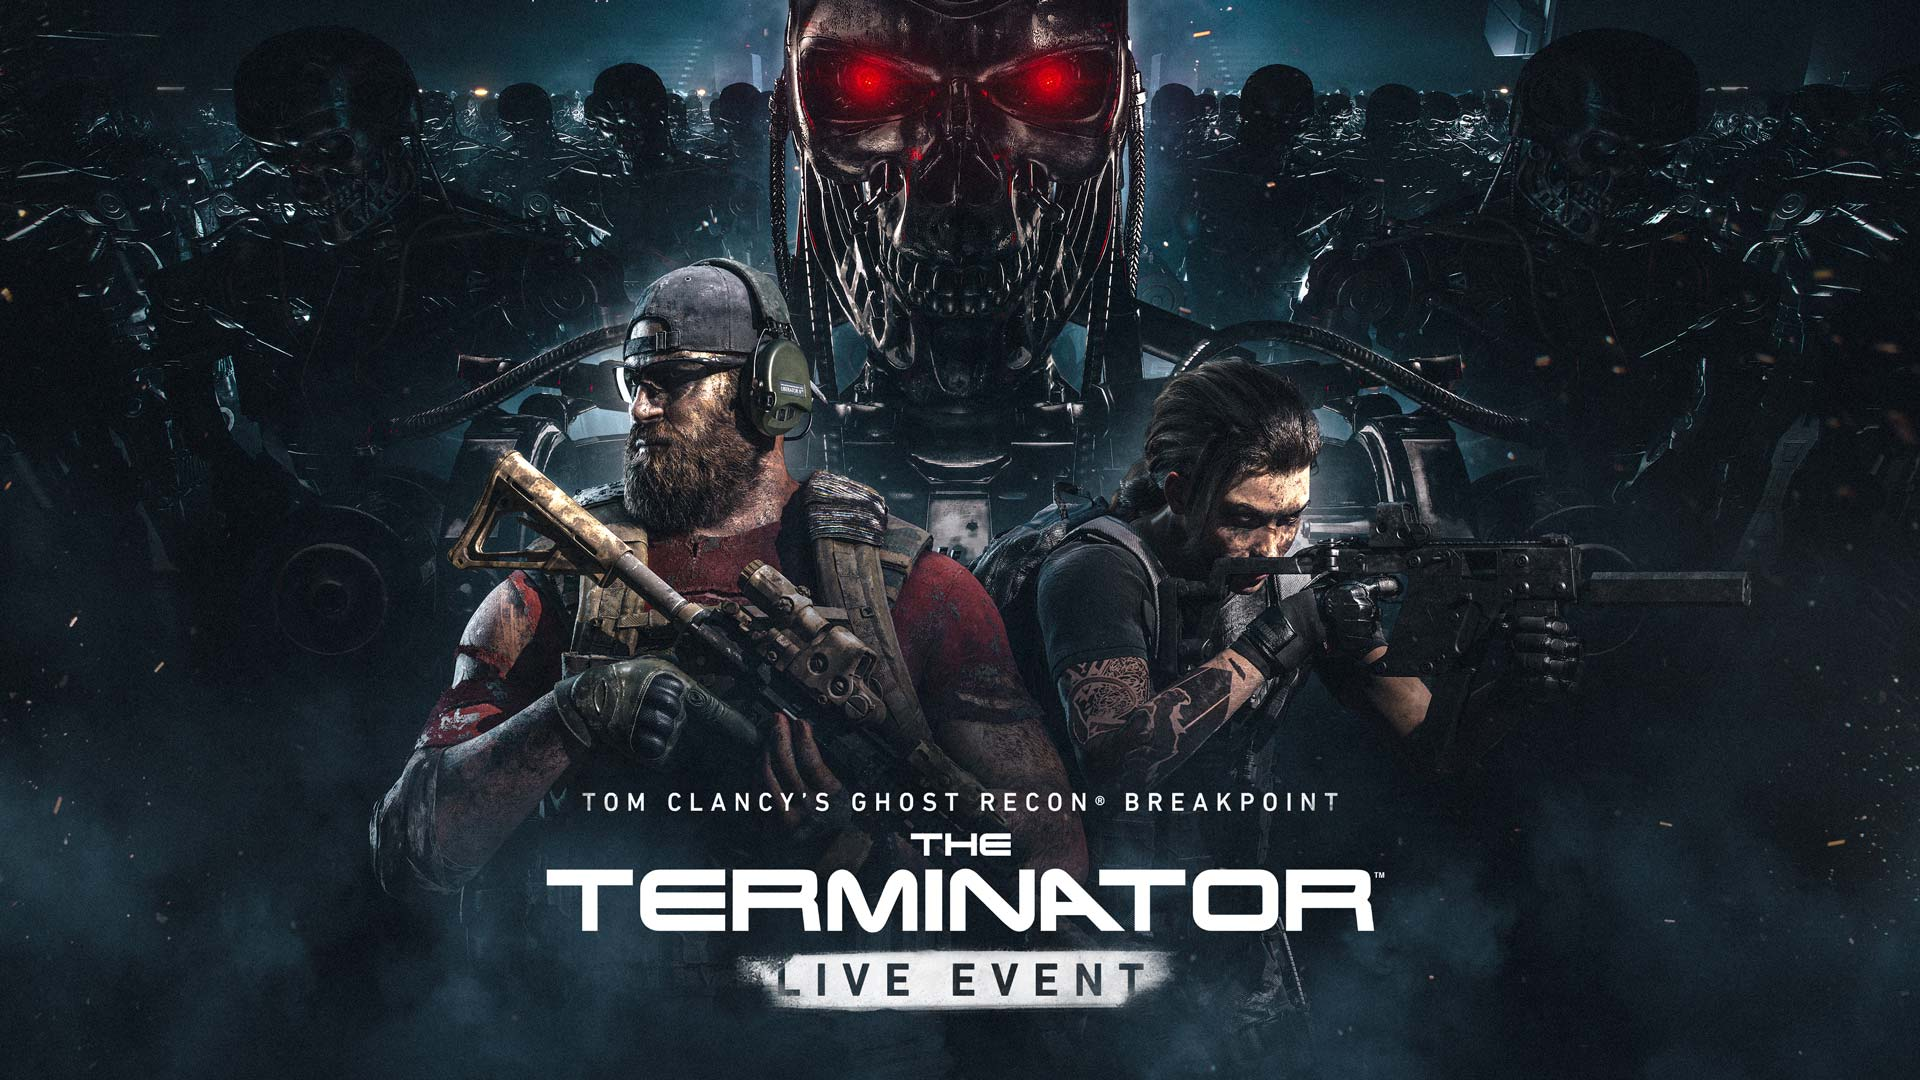 Terminator zmierza do Ghost Recon Breakpoint w specjalnym wydarzeniu